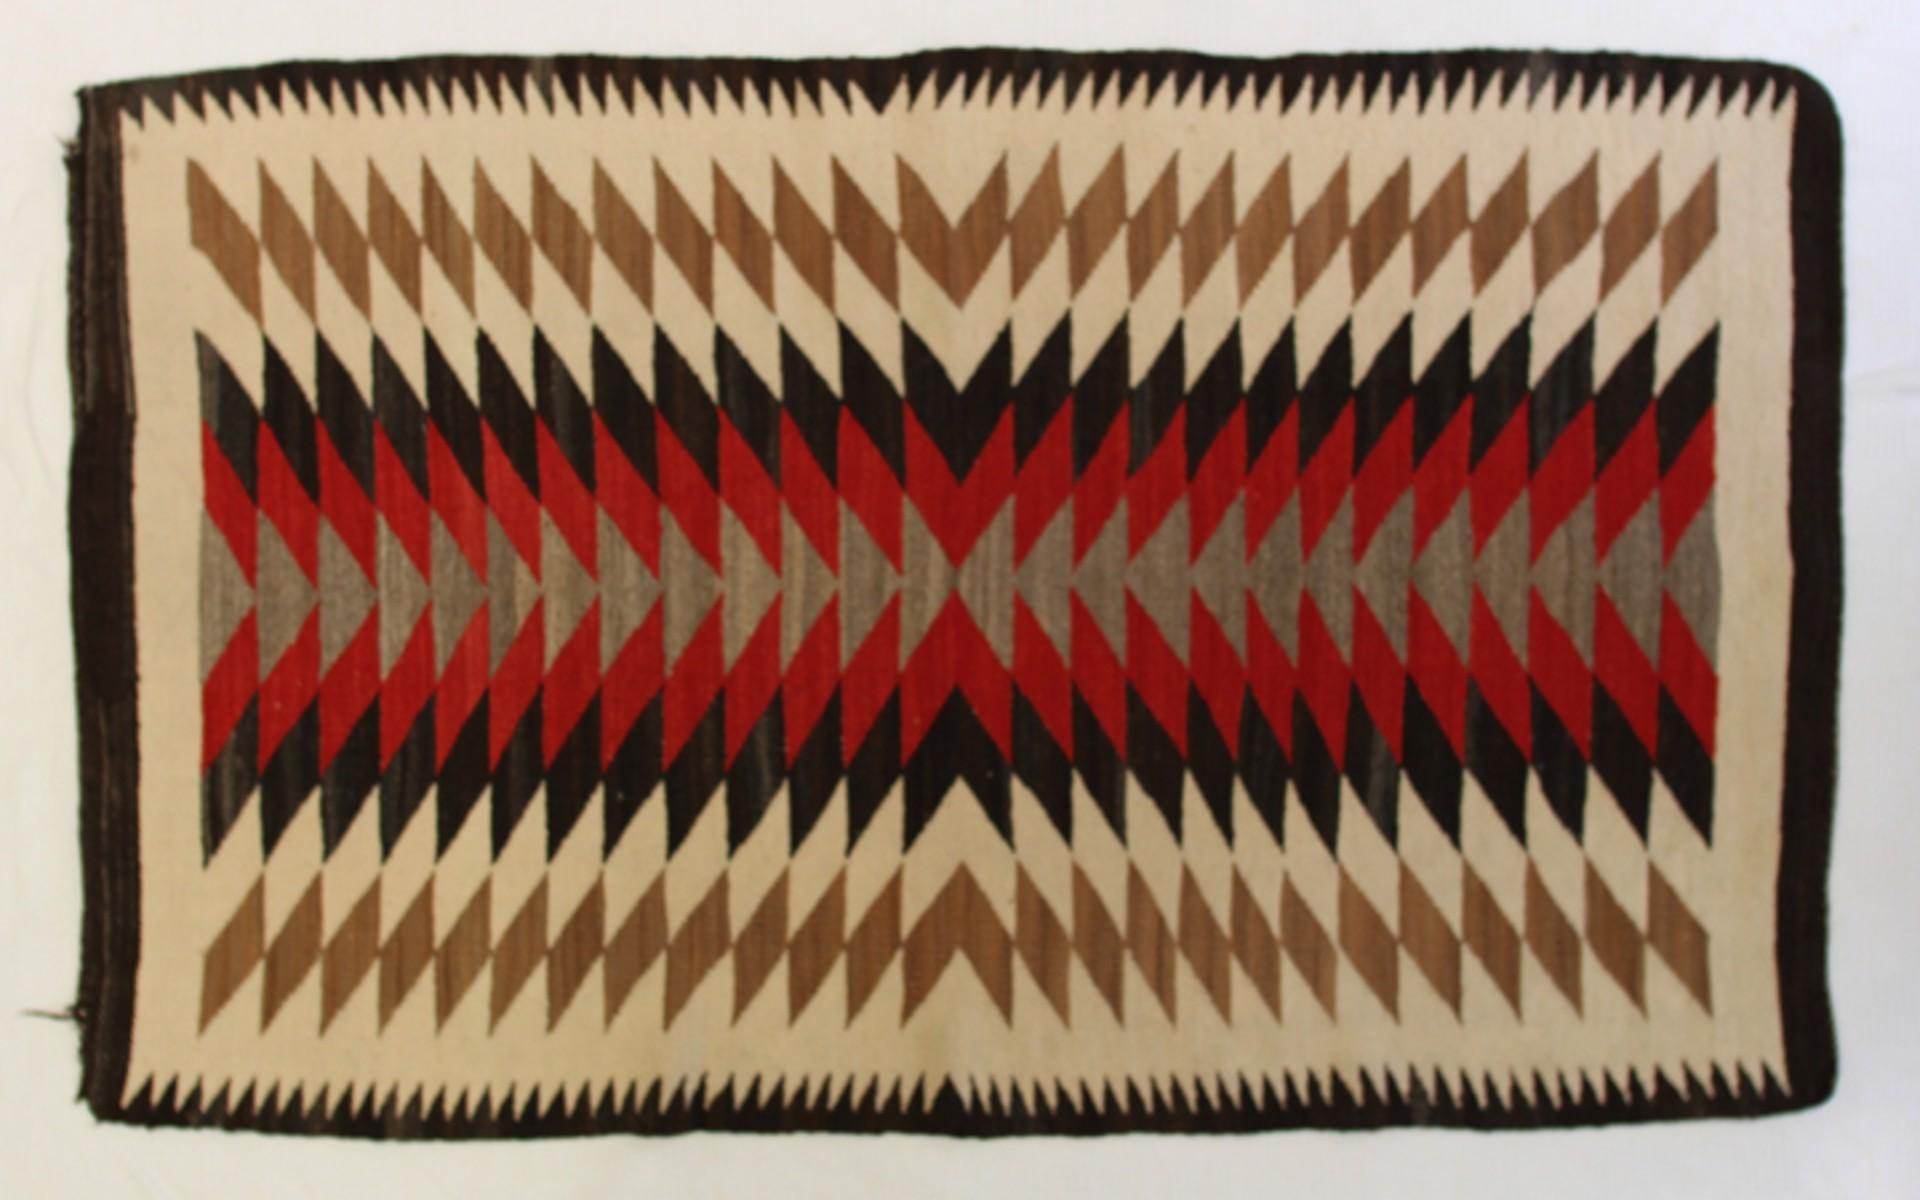 Navajo Rug #5 by Navajo Weavings